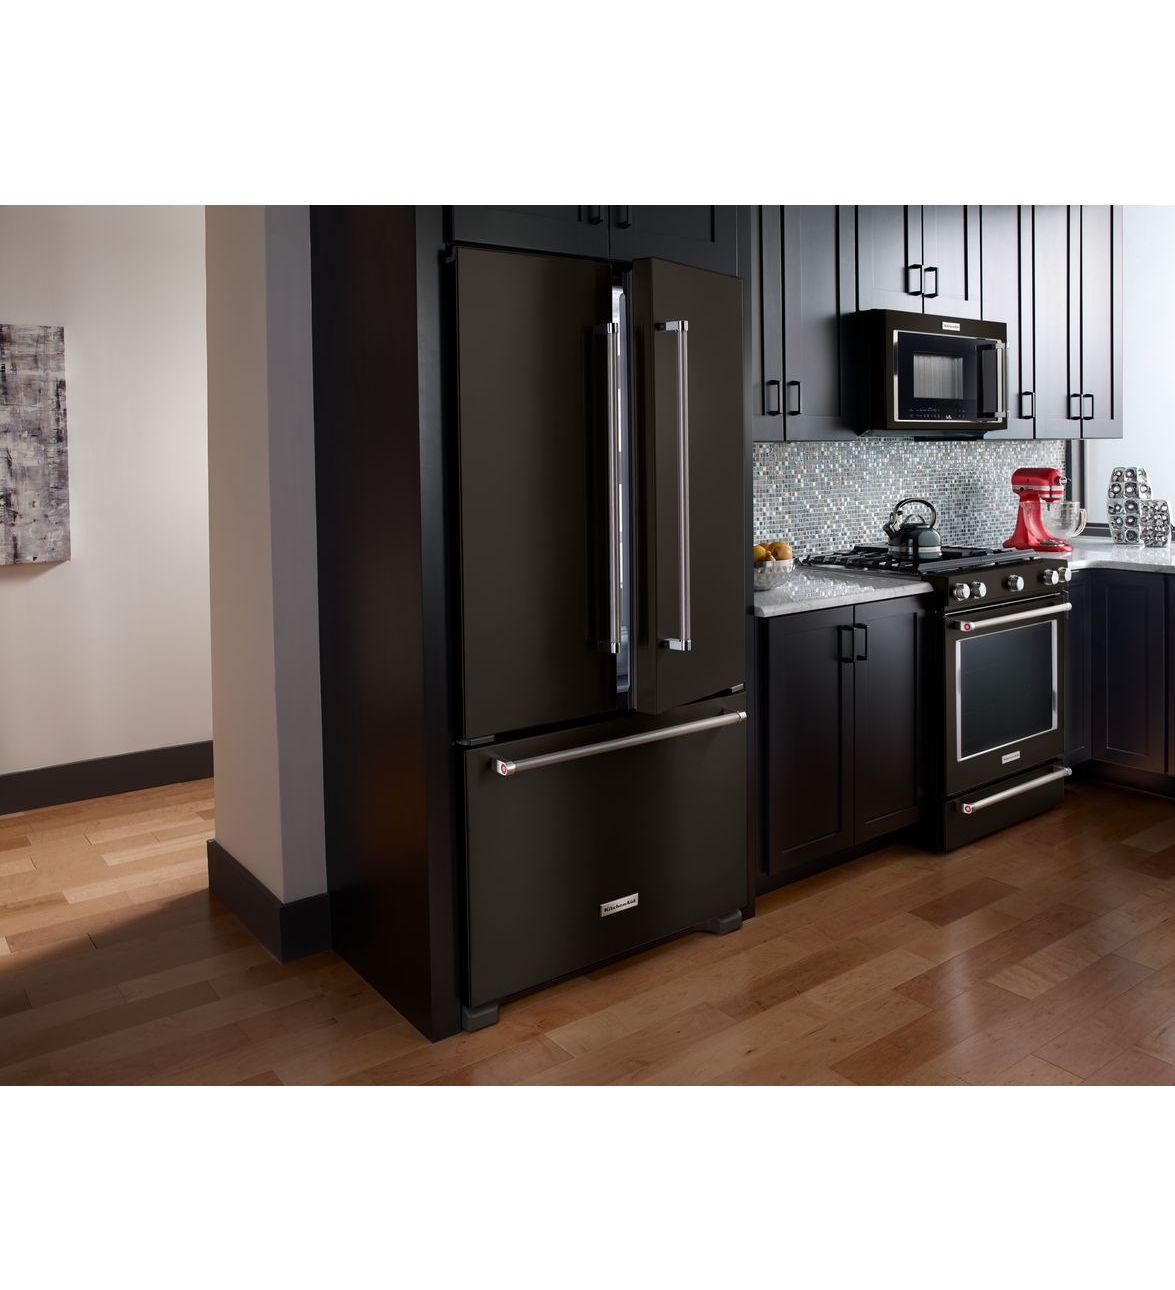 Kitchenaid Krfc302ess 22 Cu Ft 36 Inch Width Counter